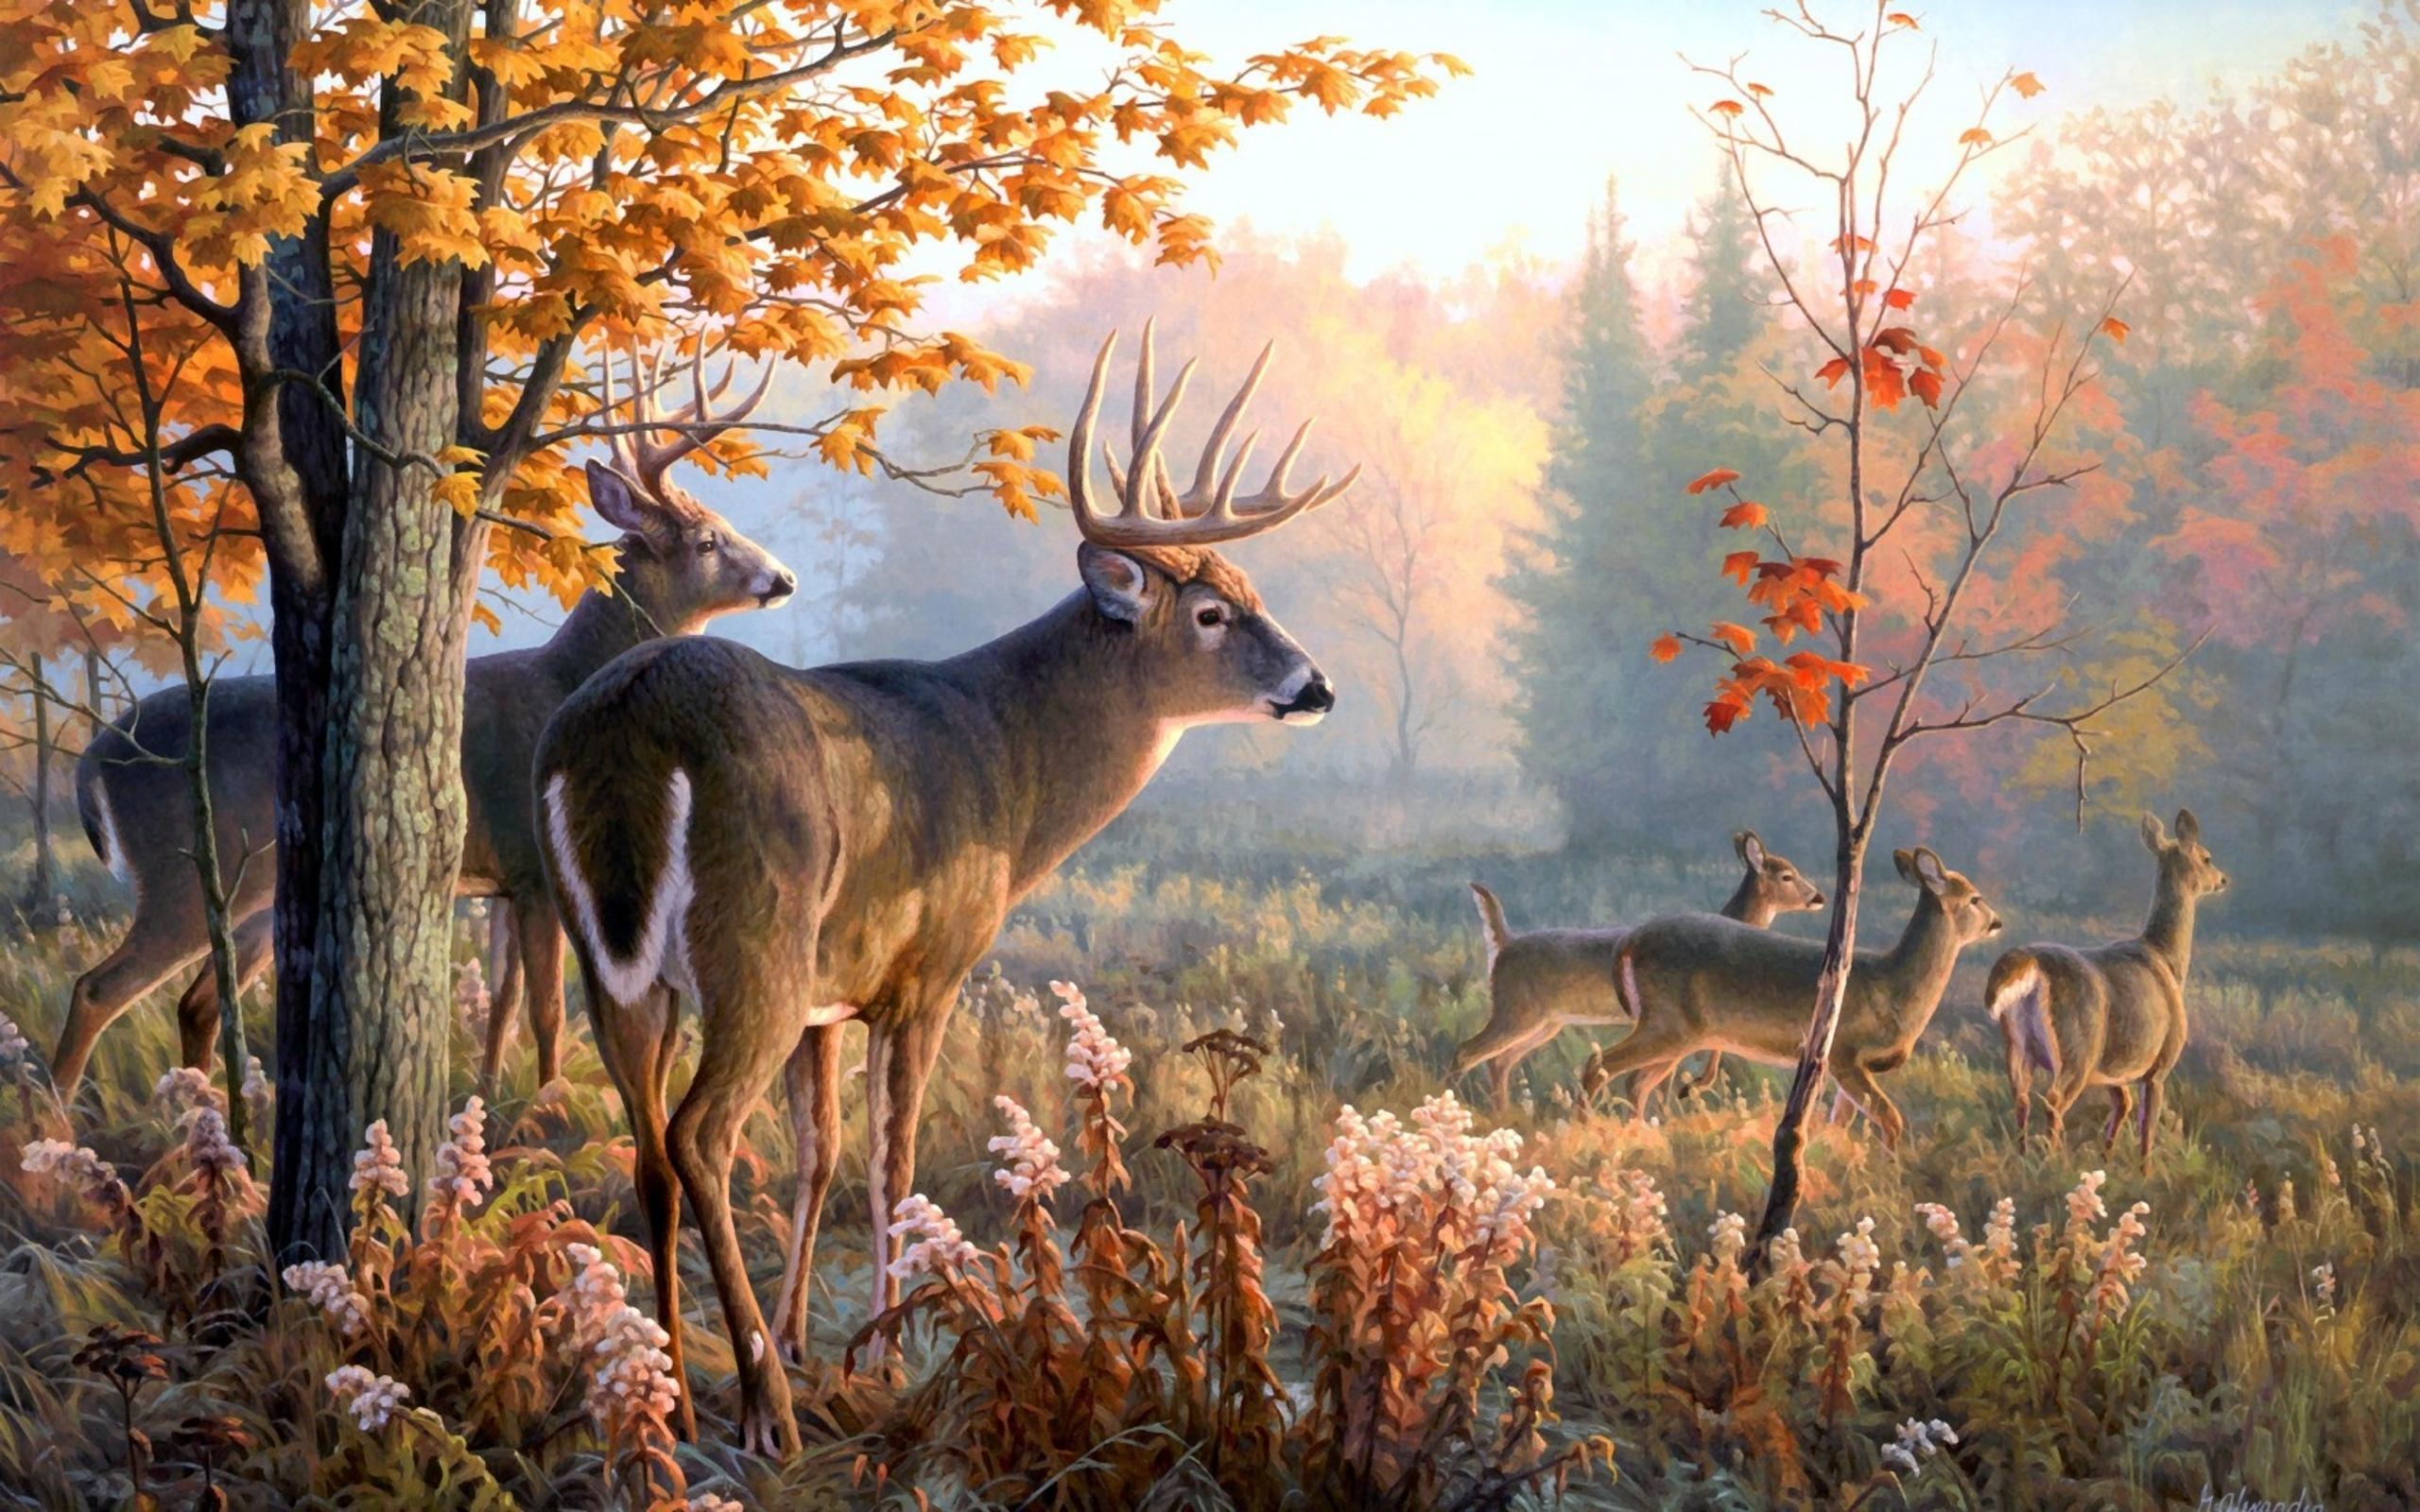 deer desktop hd wallpapers Desktop Backgrounds for HD Wallpaper 2560x1600